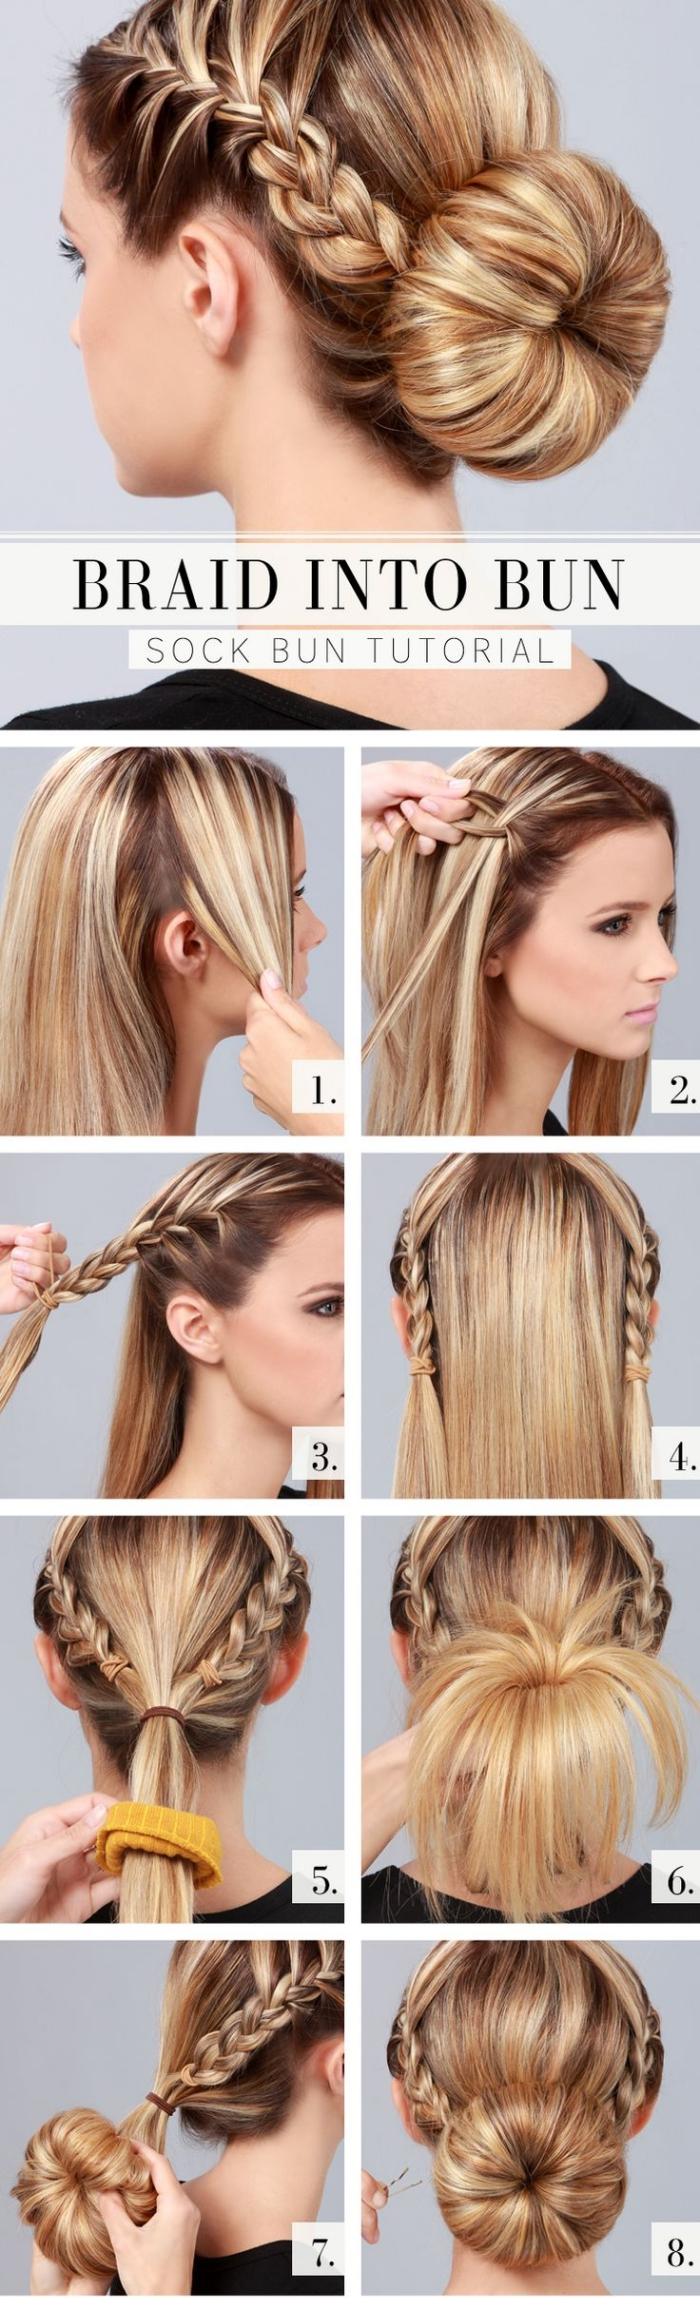 coiffures faciles, modèle de coiffure avec tresse collée de côté et chignon bas sur cheveux marron avec mèches